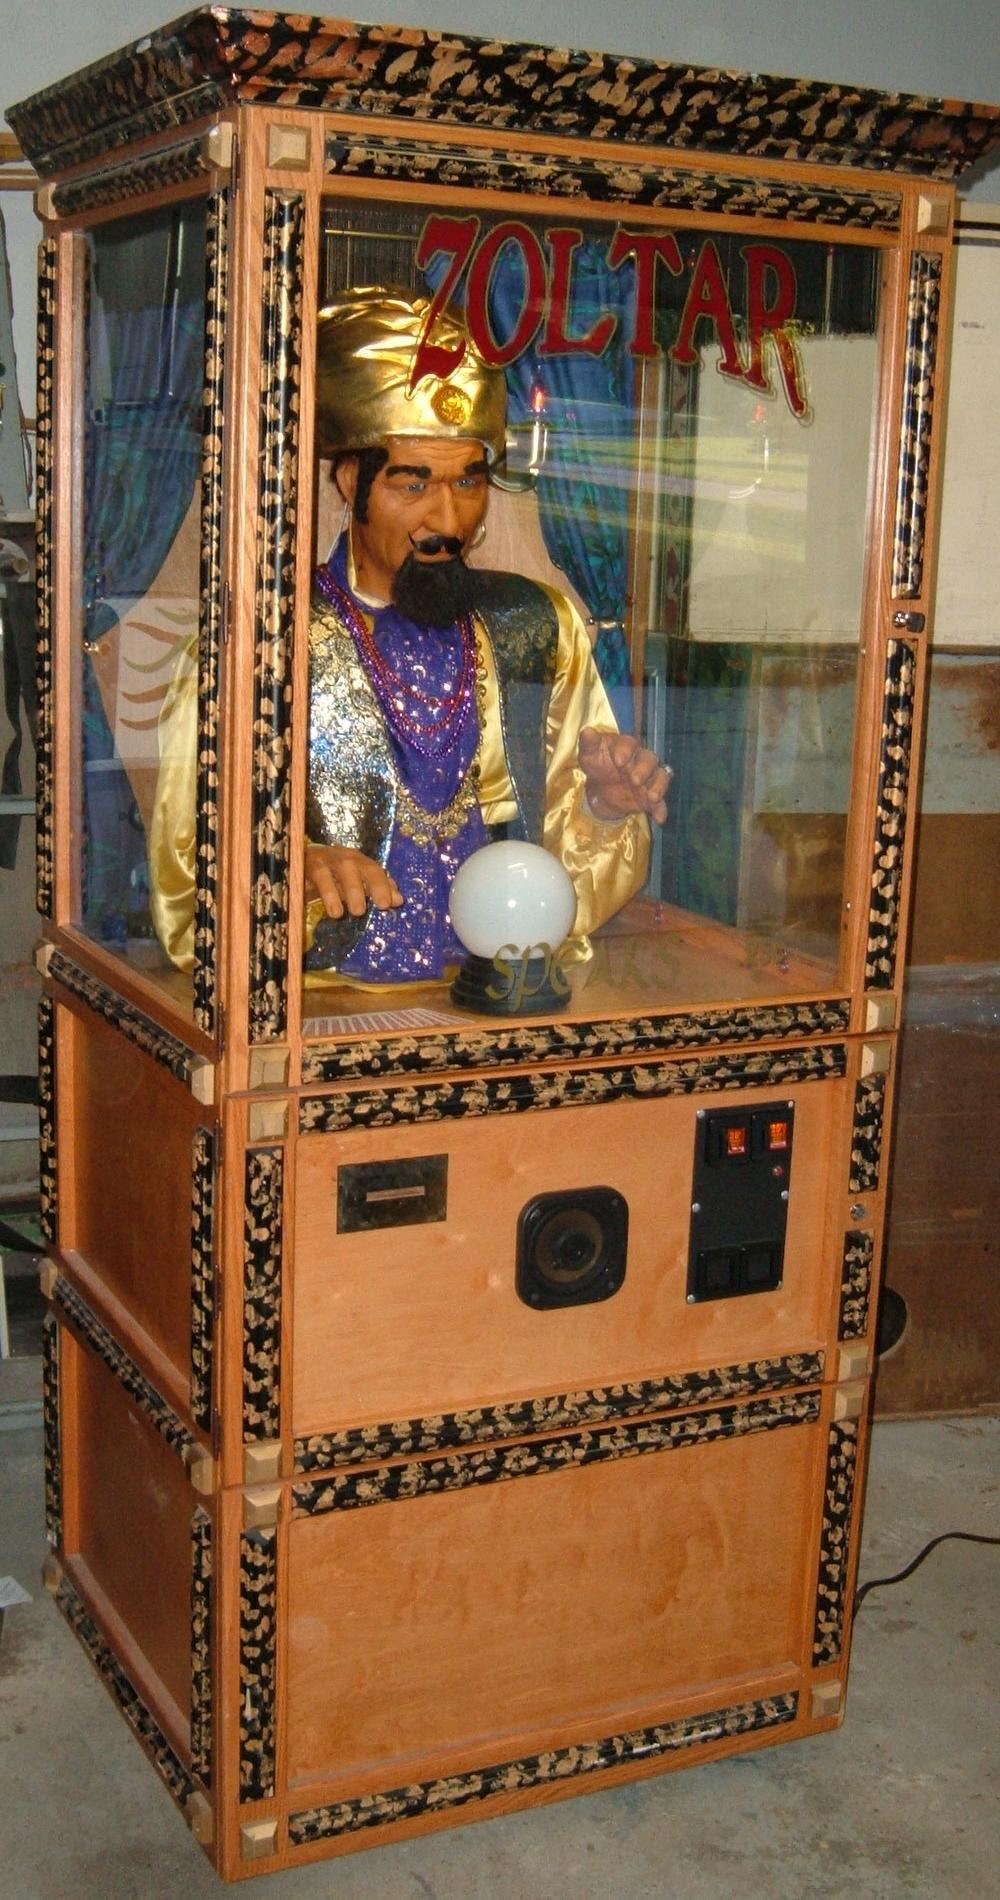 Ігровий автомат Fortune Teller.Погадати у циганки-гадалки і передбачити свою долю можна на ігровому автоматі Fortune Teller, який має п'ять барабанів та 30 ліній для виплат.Вязьма